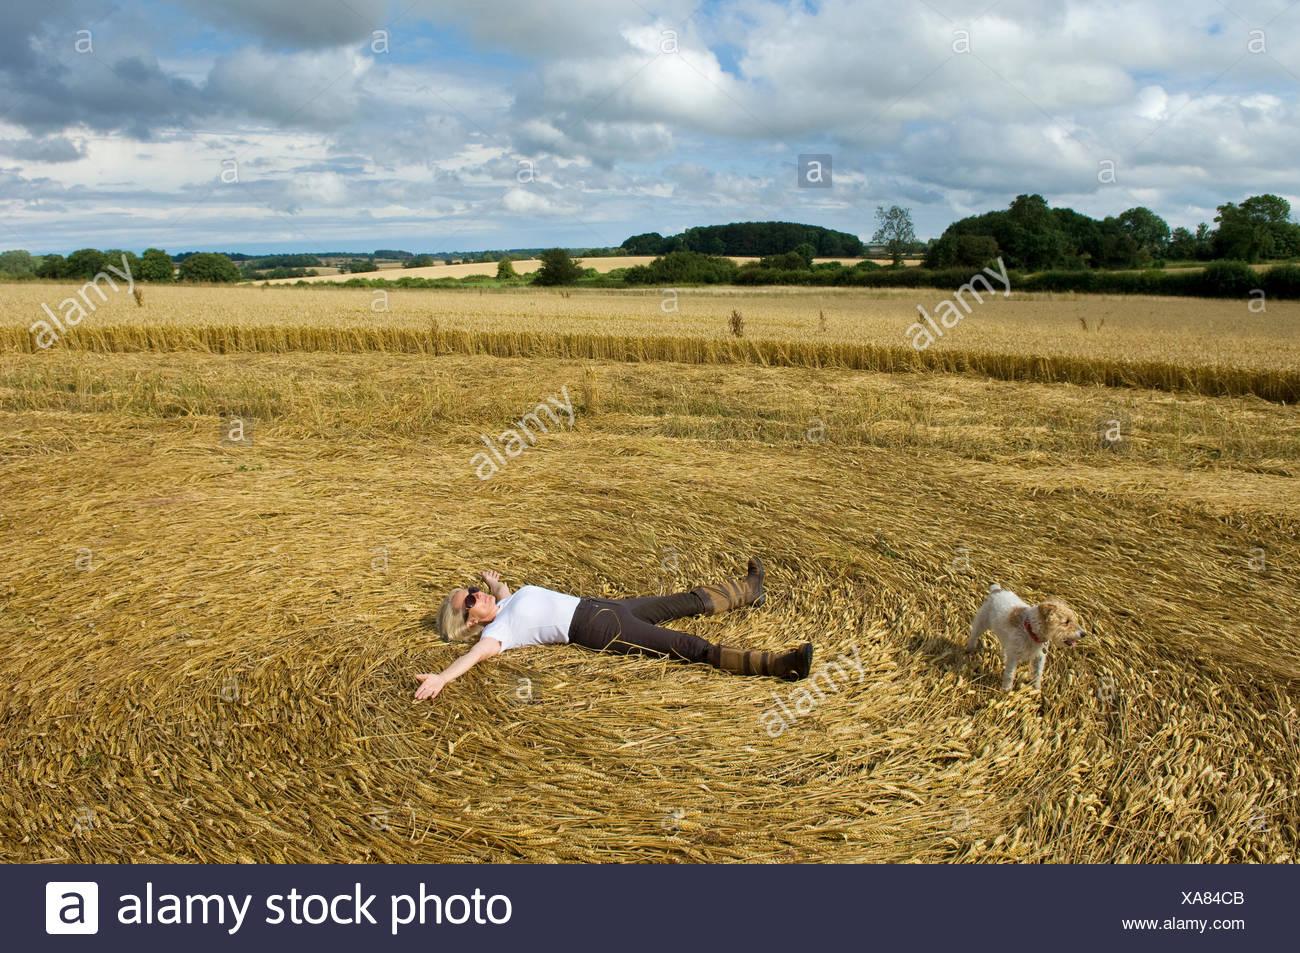 Un agricultor acostada sobre su espalda en el rastrojo de un campo de cultivo recién cortada la creación de un patrón en la paja. Imagen De Stock